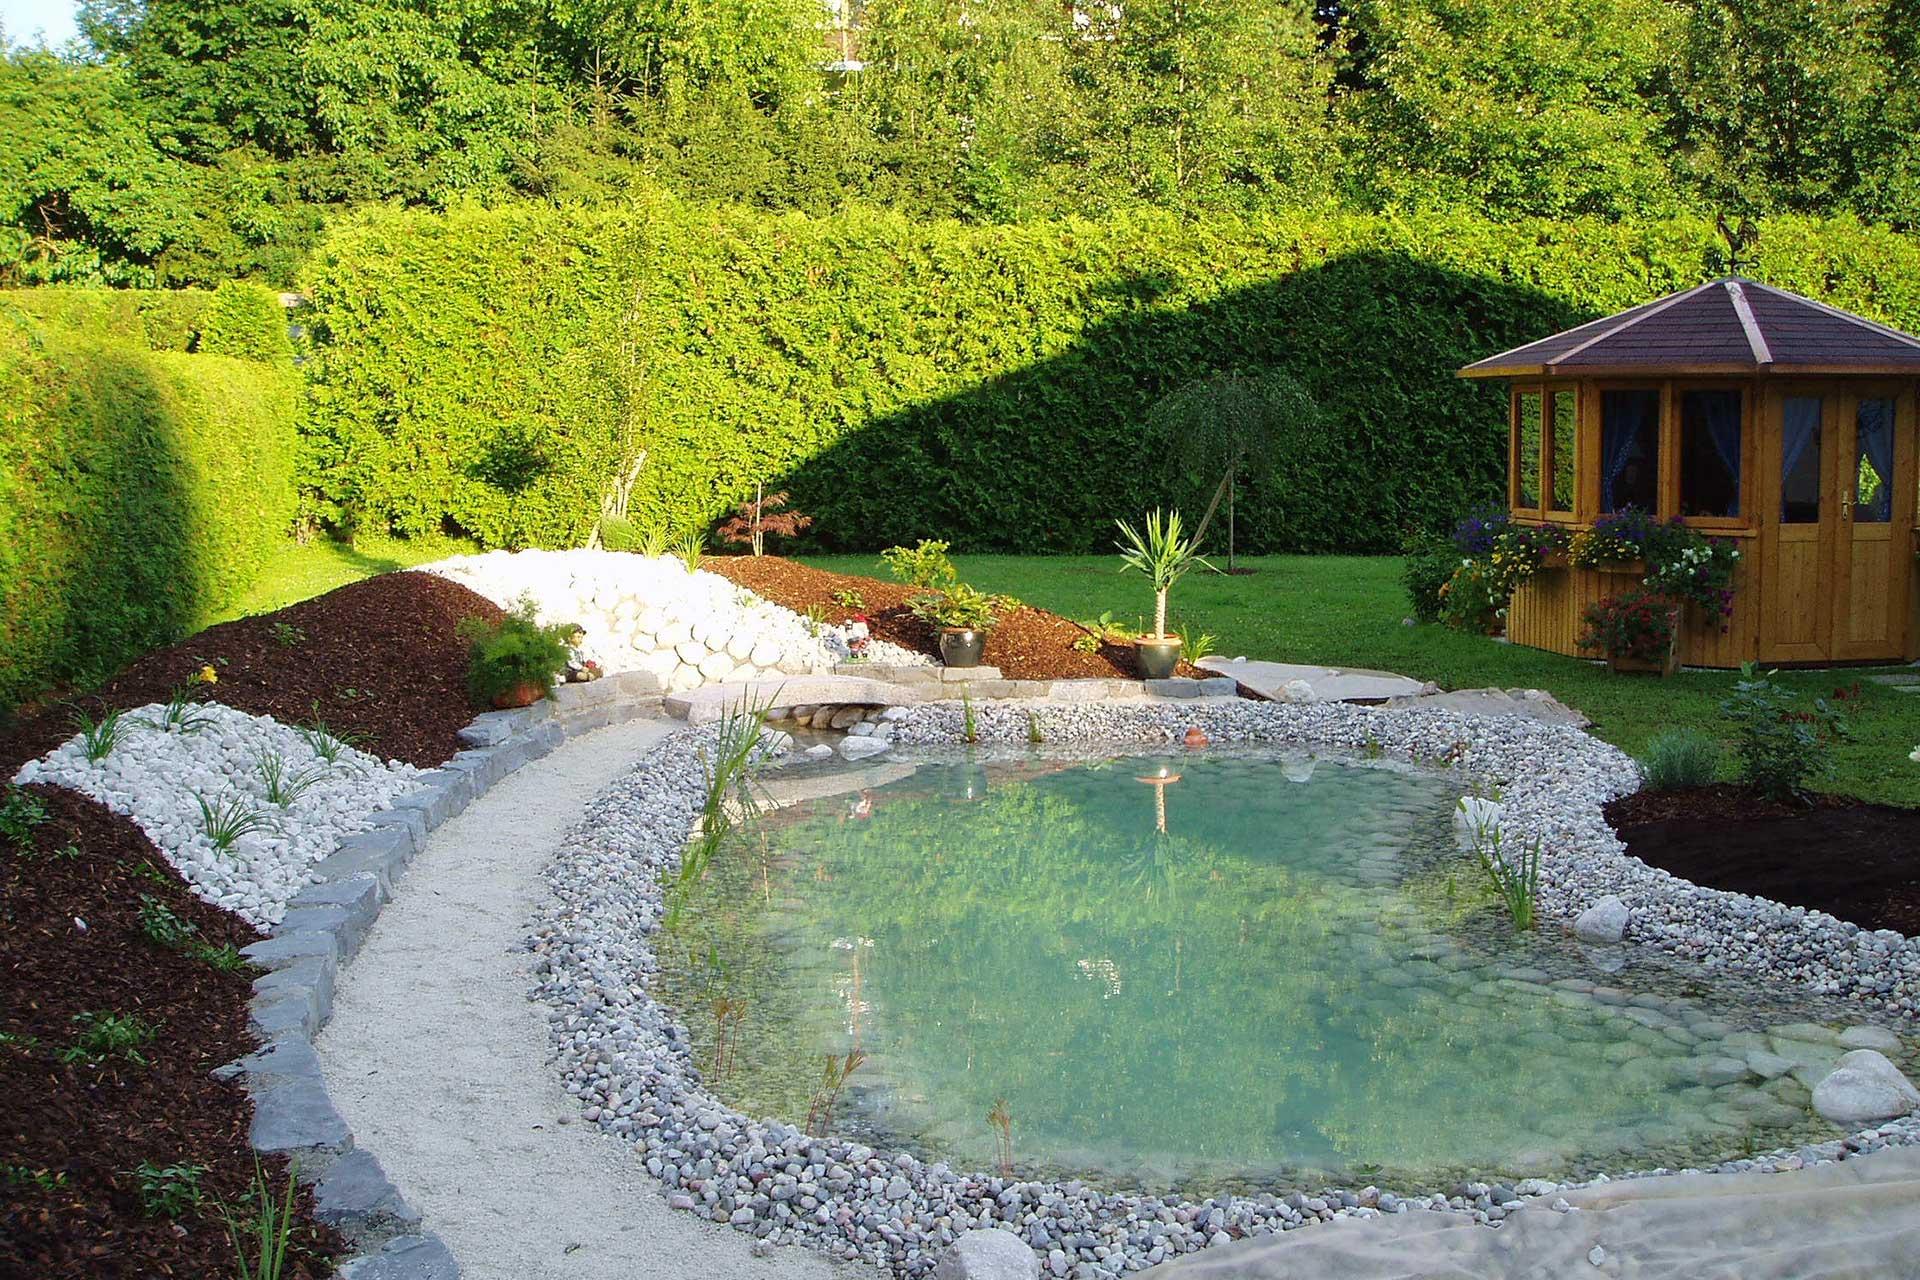 Garten gestalten Biotop Naturstein Kies Karl Sailer